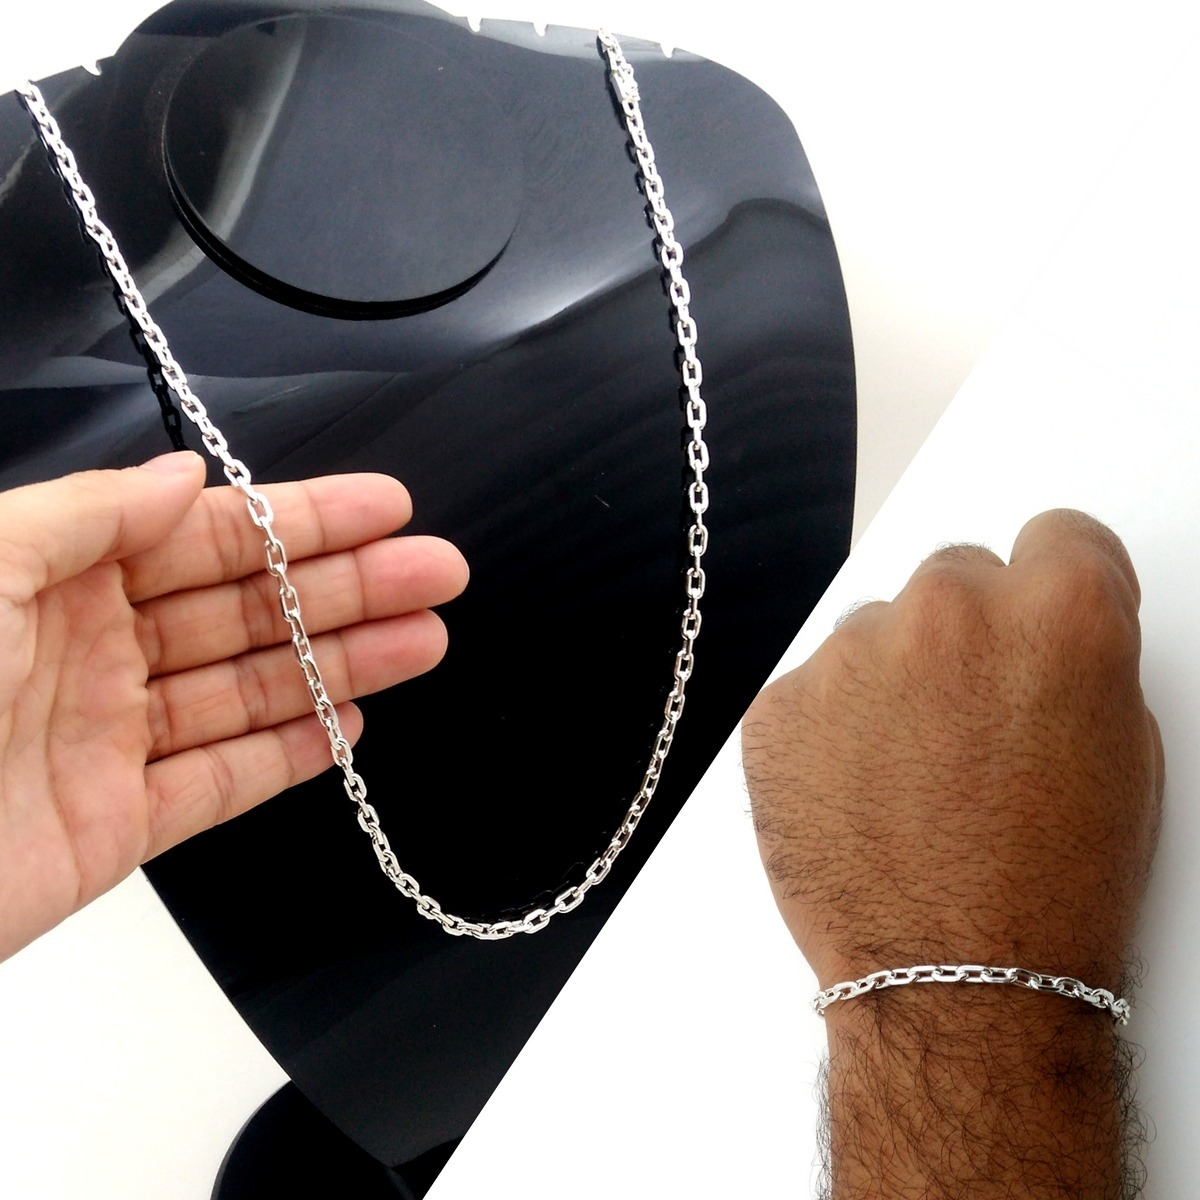 7d430d52885 kit cordão cartier + pulseira prata maciça f gaveta 70cm 5mm. Carregando  zoom.